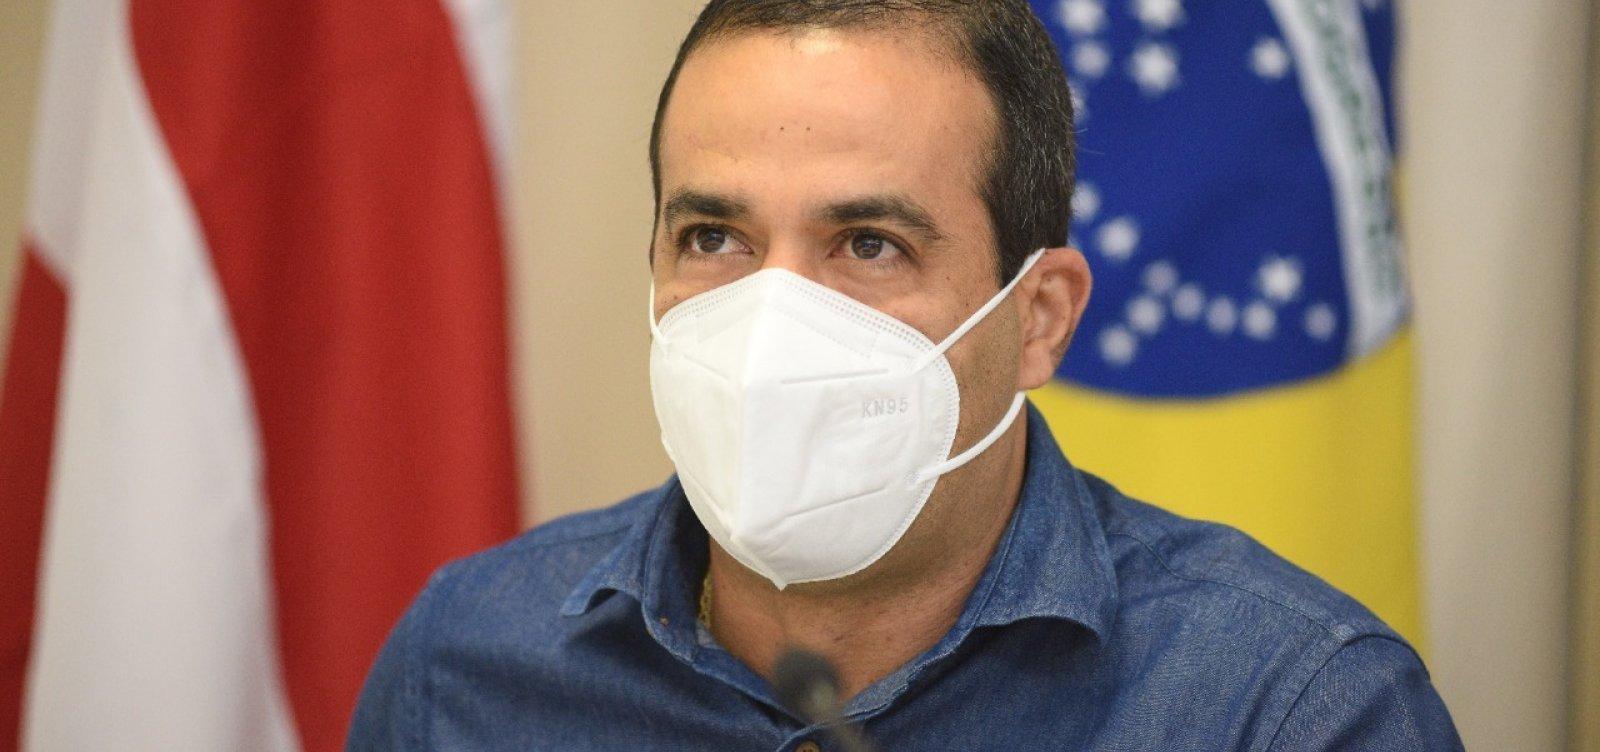 Para incentivar vacinação, Bruno Reis anuncia desconto em estabelecimentos para quem estiver efetivamente imunizado